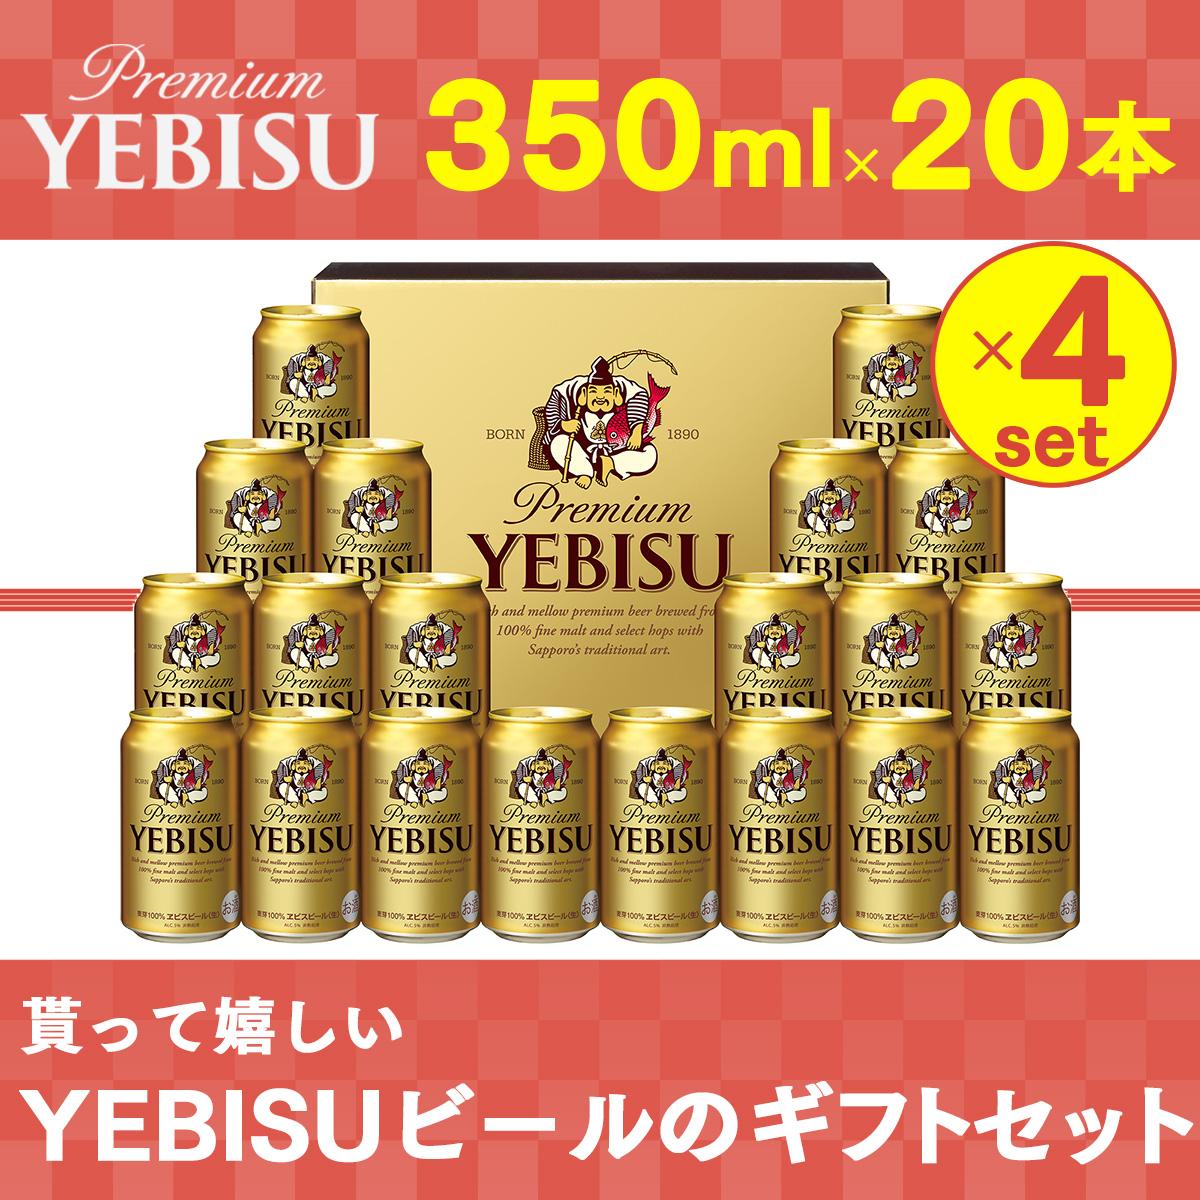 【ふるさと納税】地元名取生産 ヱビスビール 350ml 20本×4ケース ギフトセット